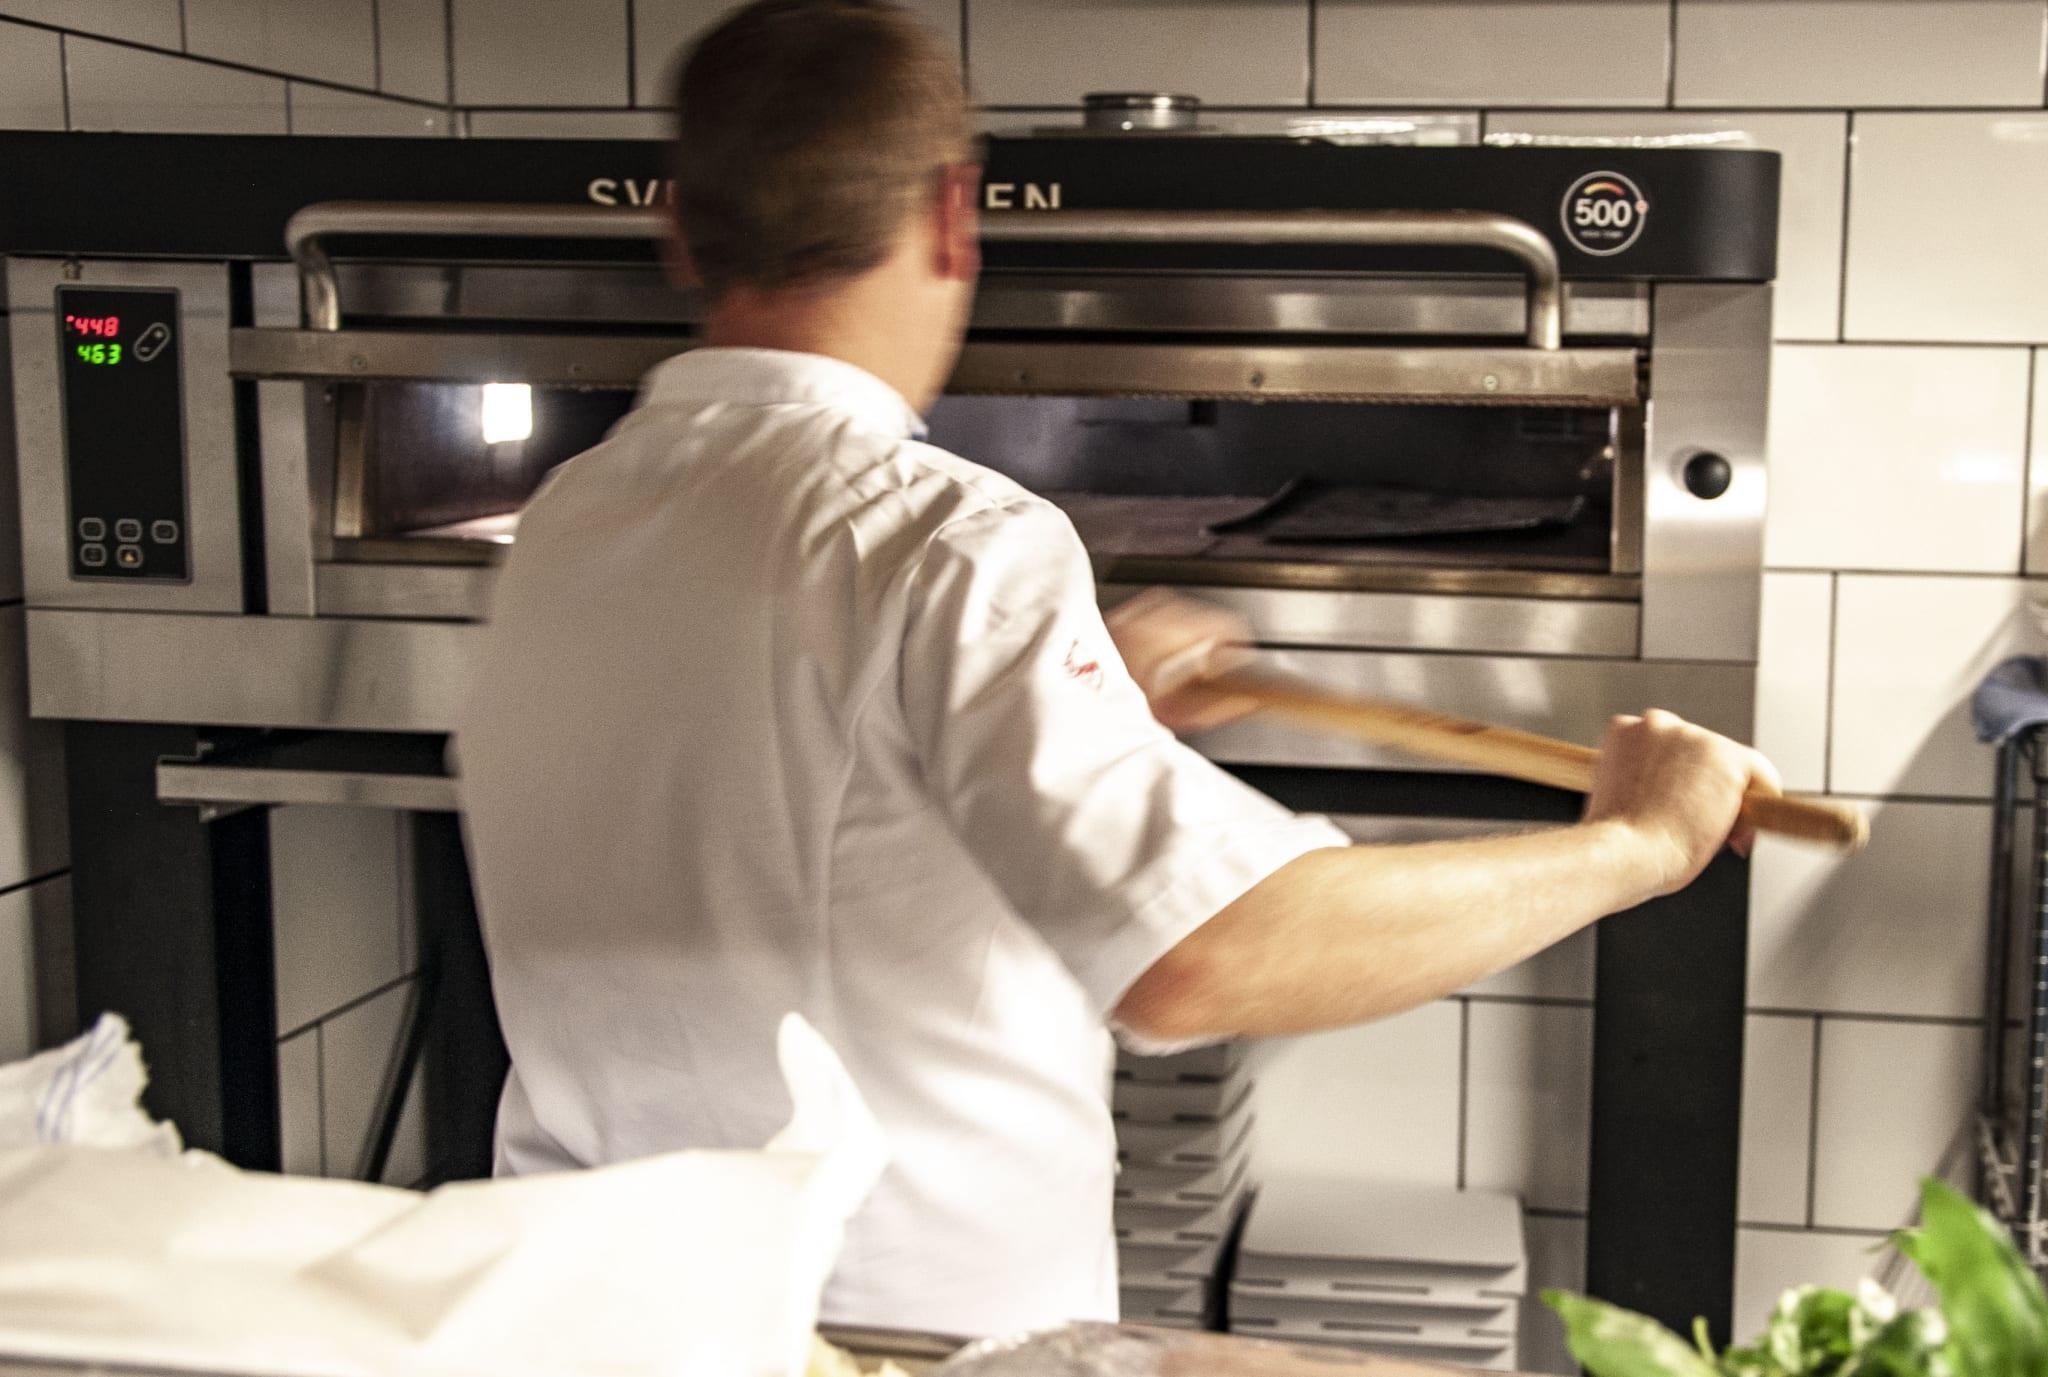 Jestic Sveba Dahlen P601 hightemp kitchen mid